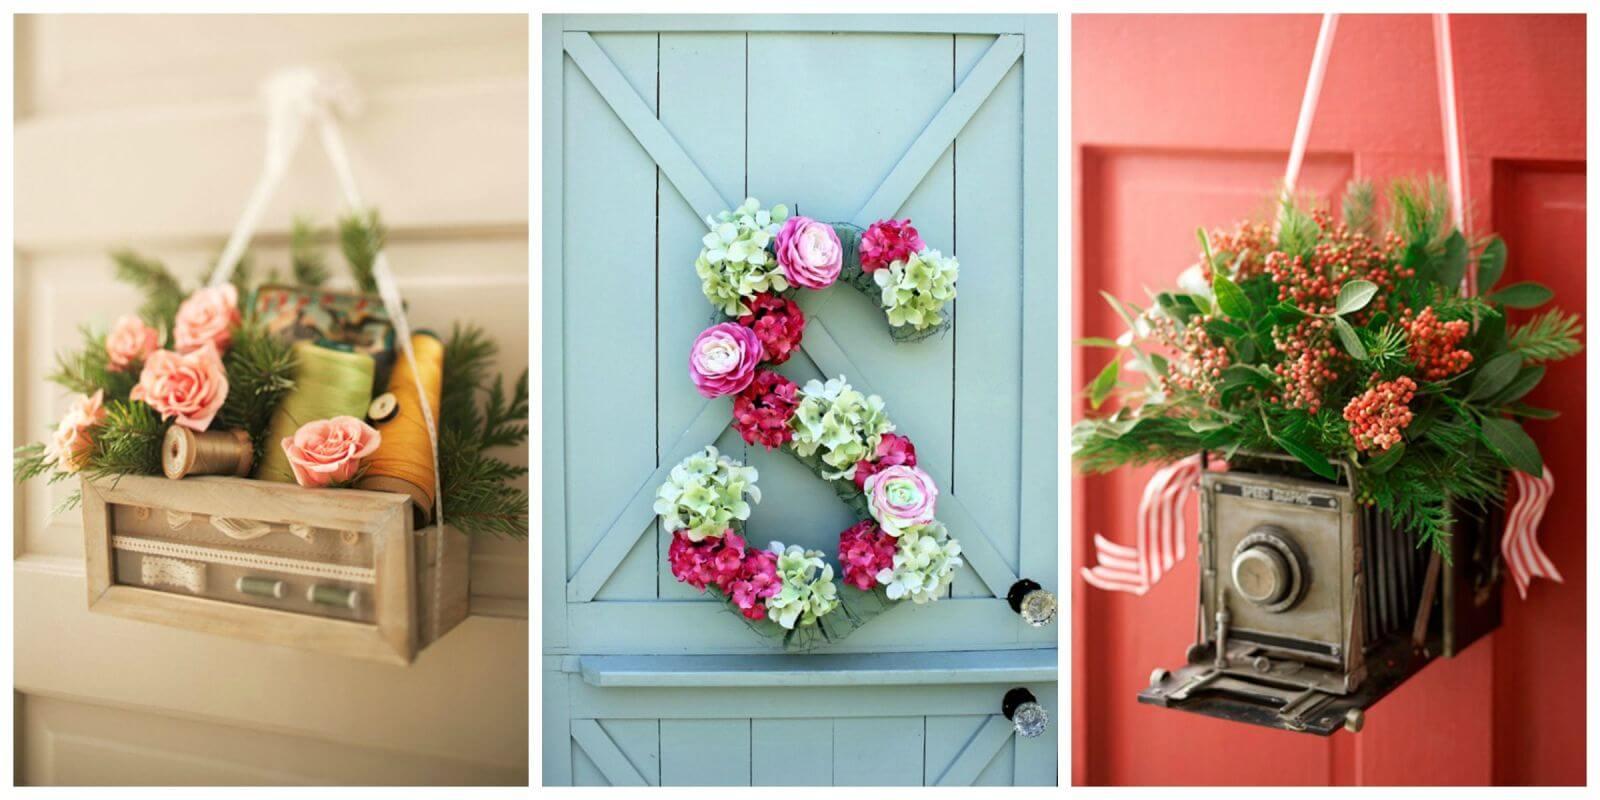 DIY Springtime for homeowners